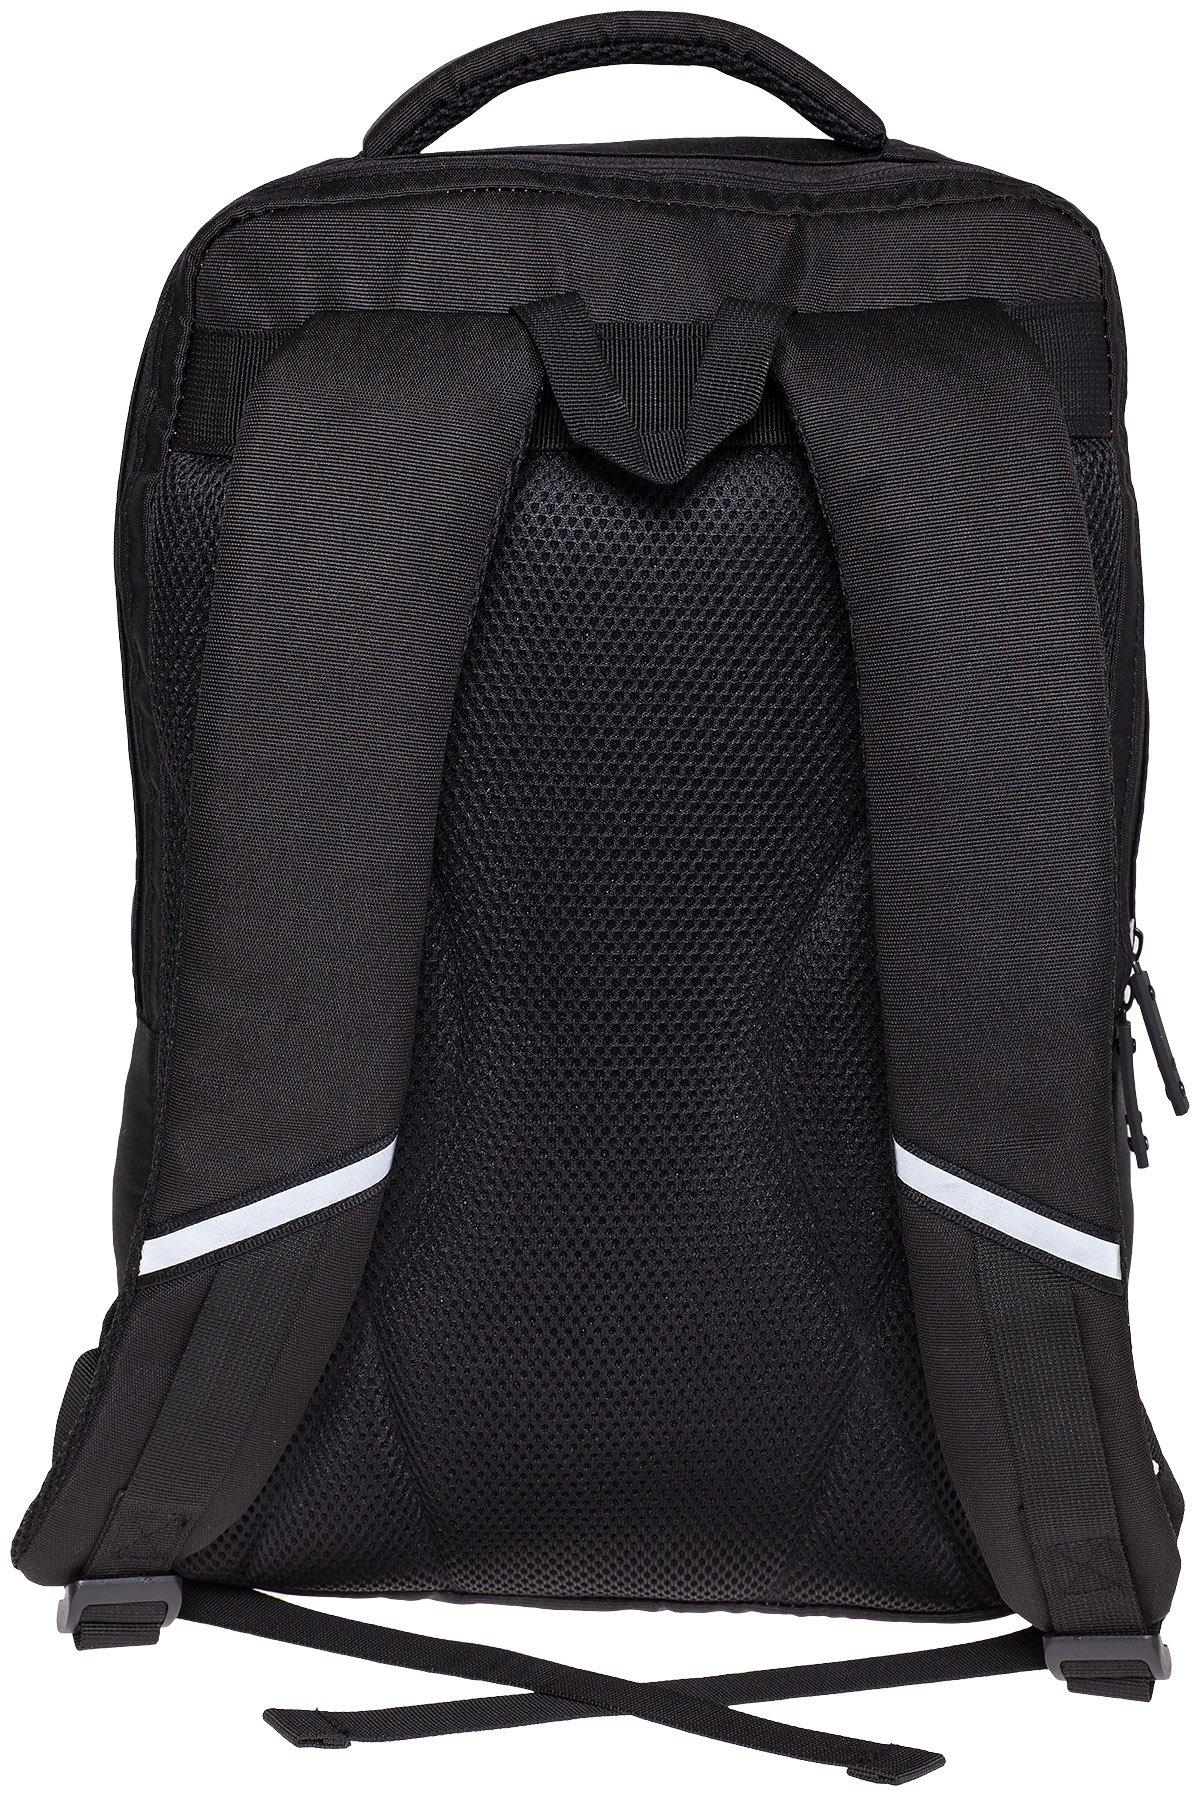 91ccff76d40cb Plecak komputerowy PCK206 - czarny